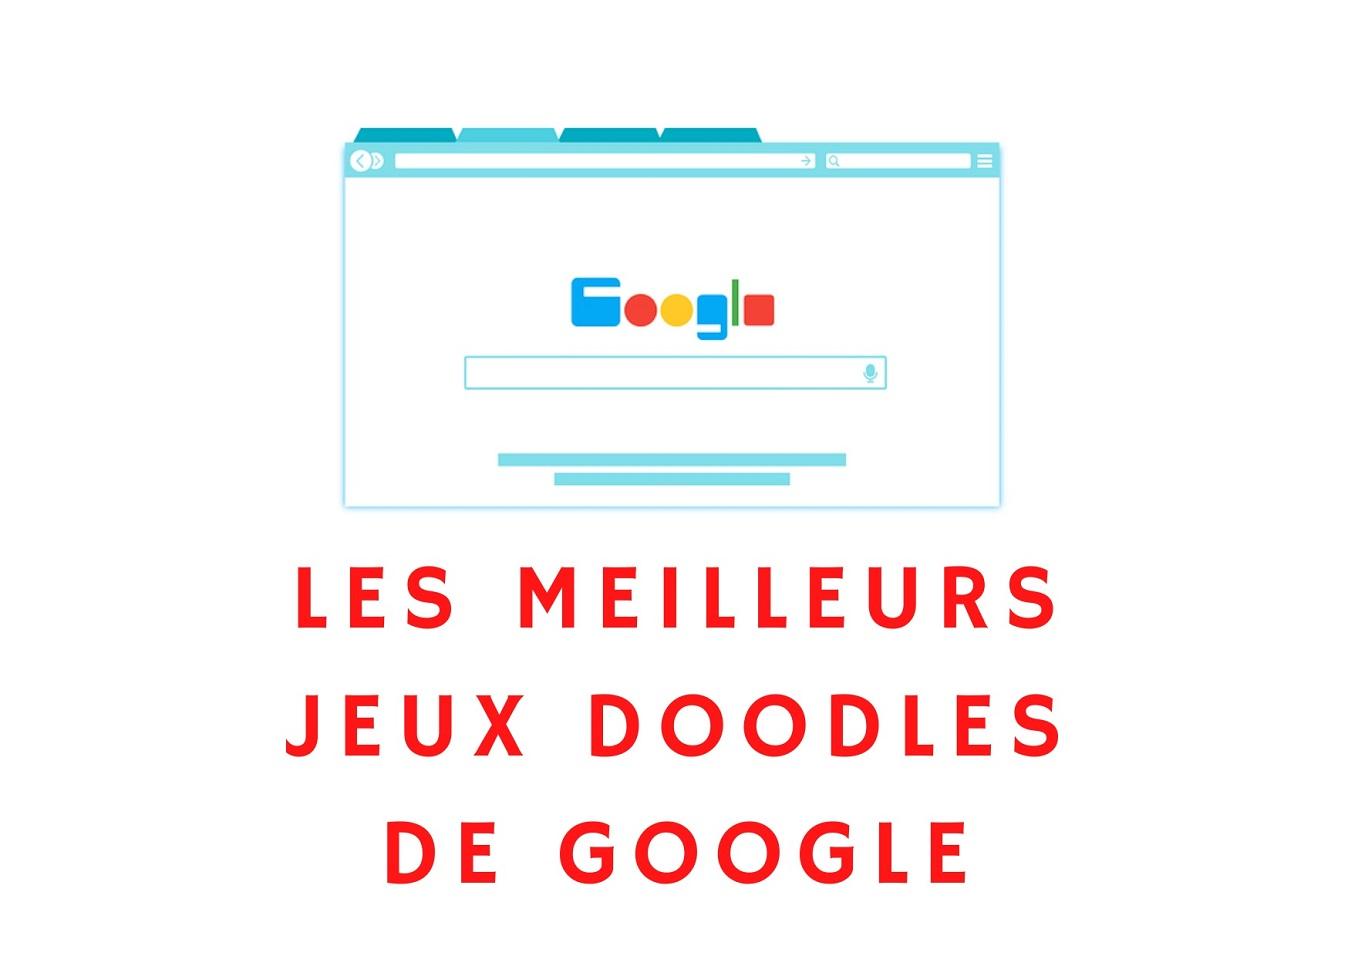 jeux Doodles Google